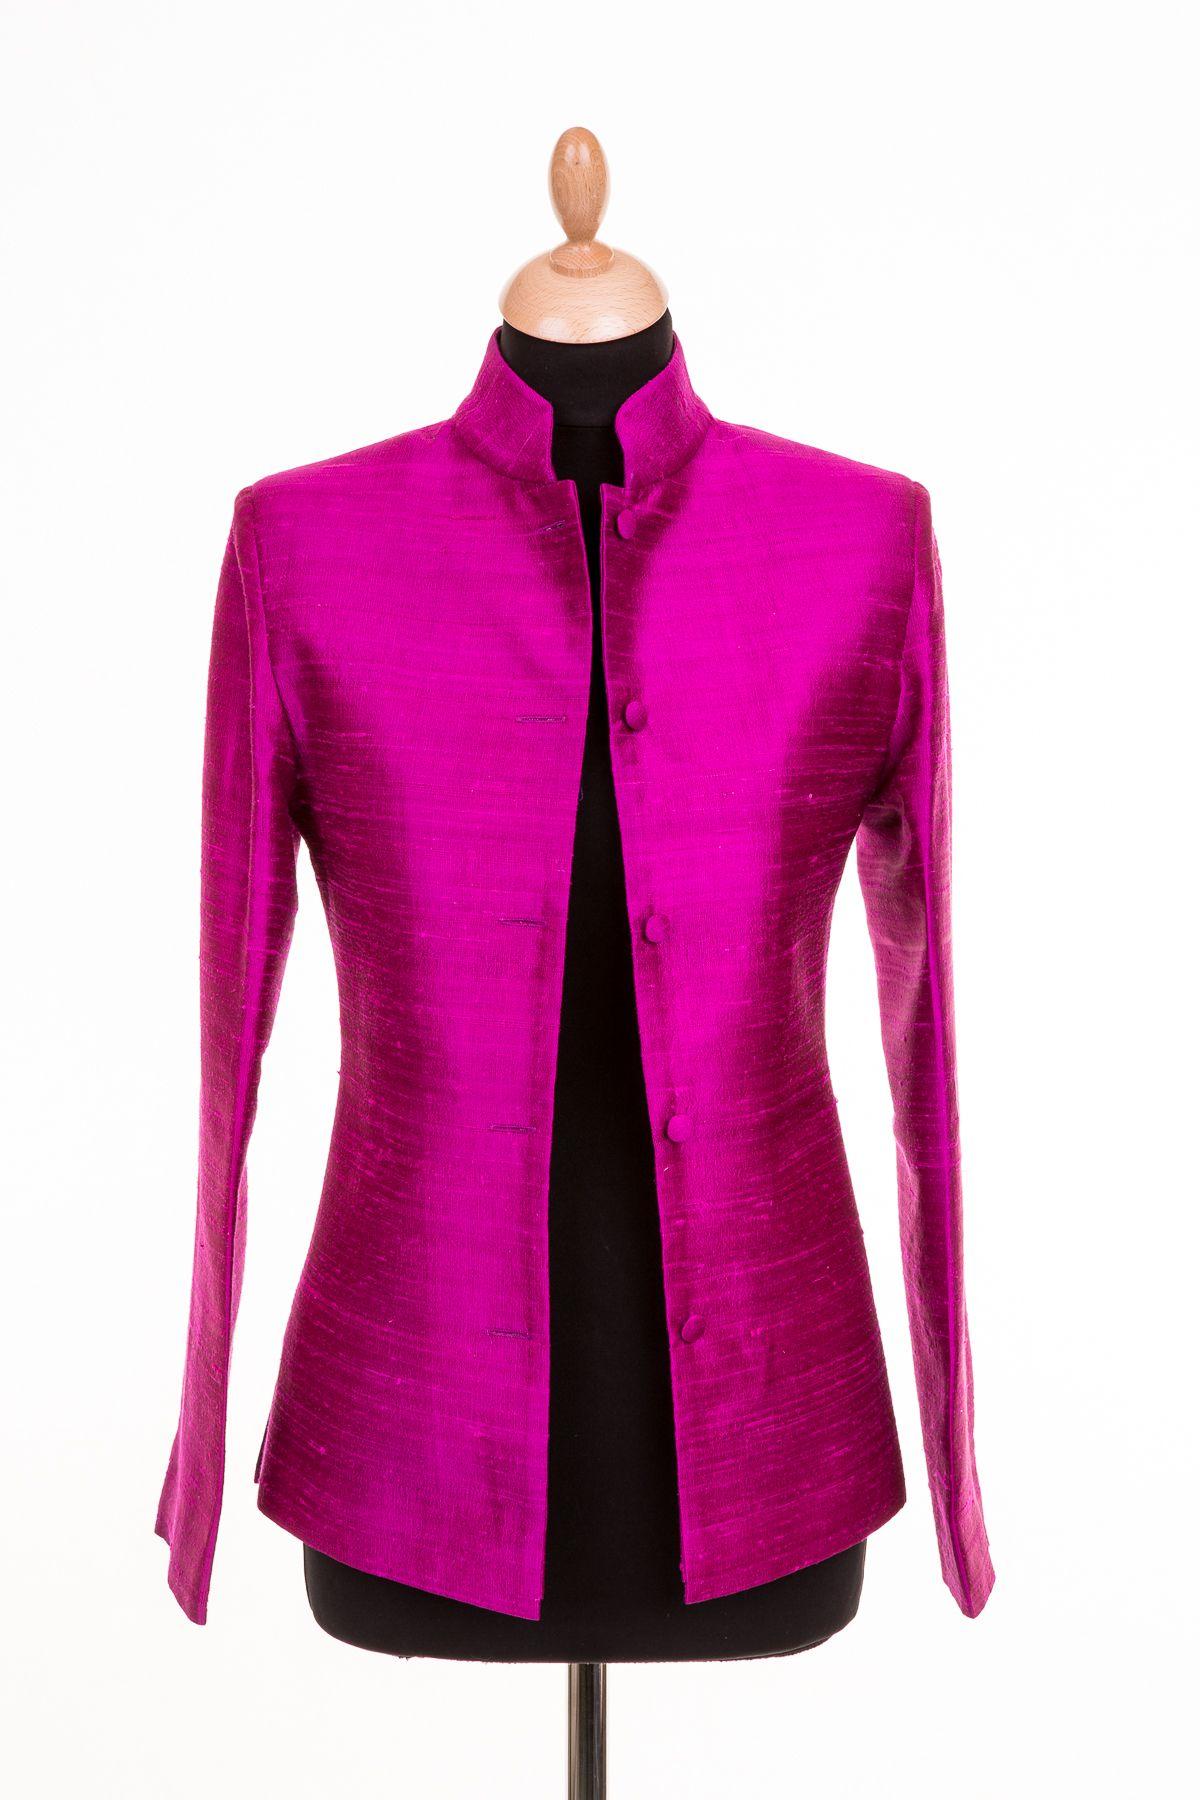 Short Nehru Jacket in Wild Orchid, Price £265.00 Jackets